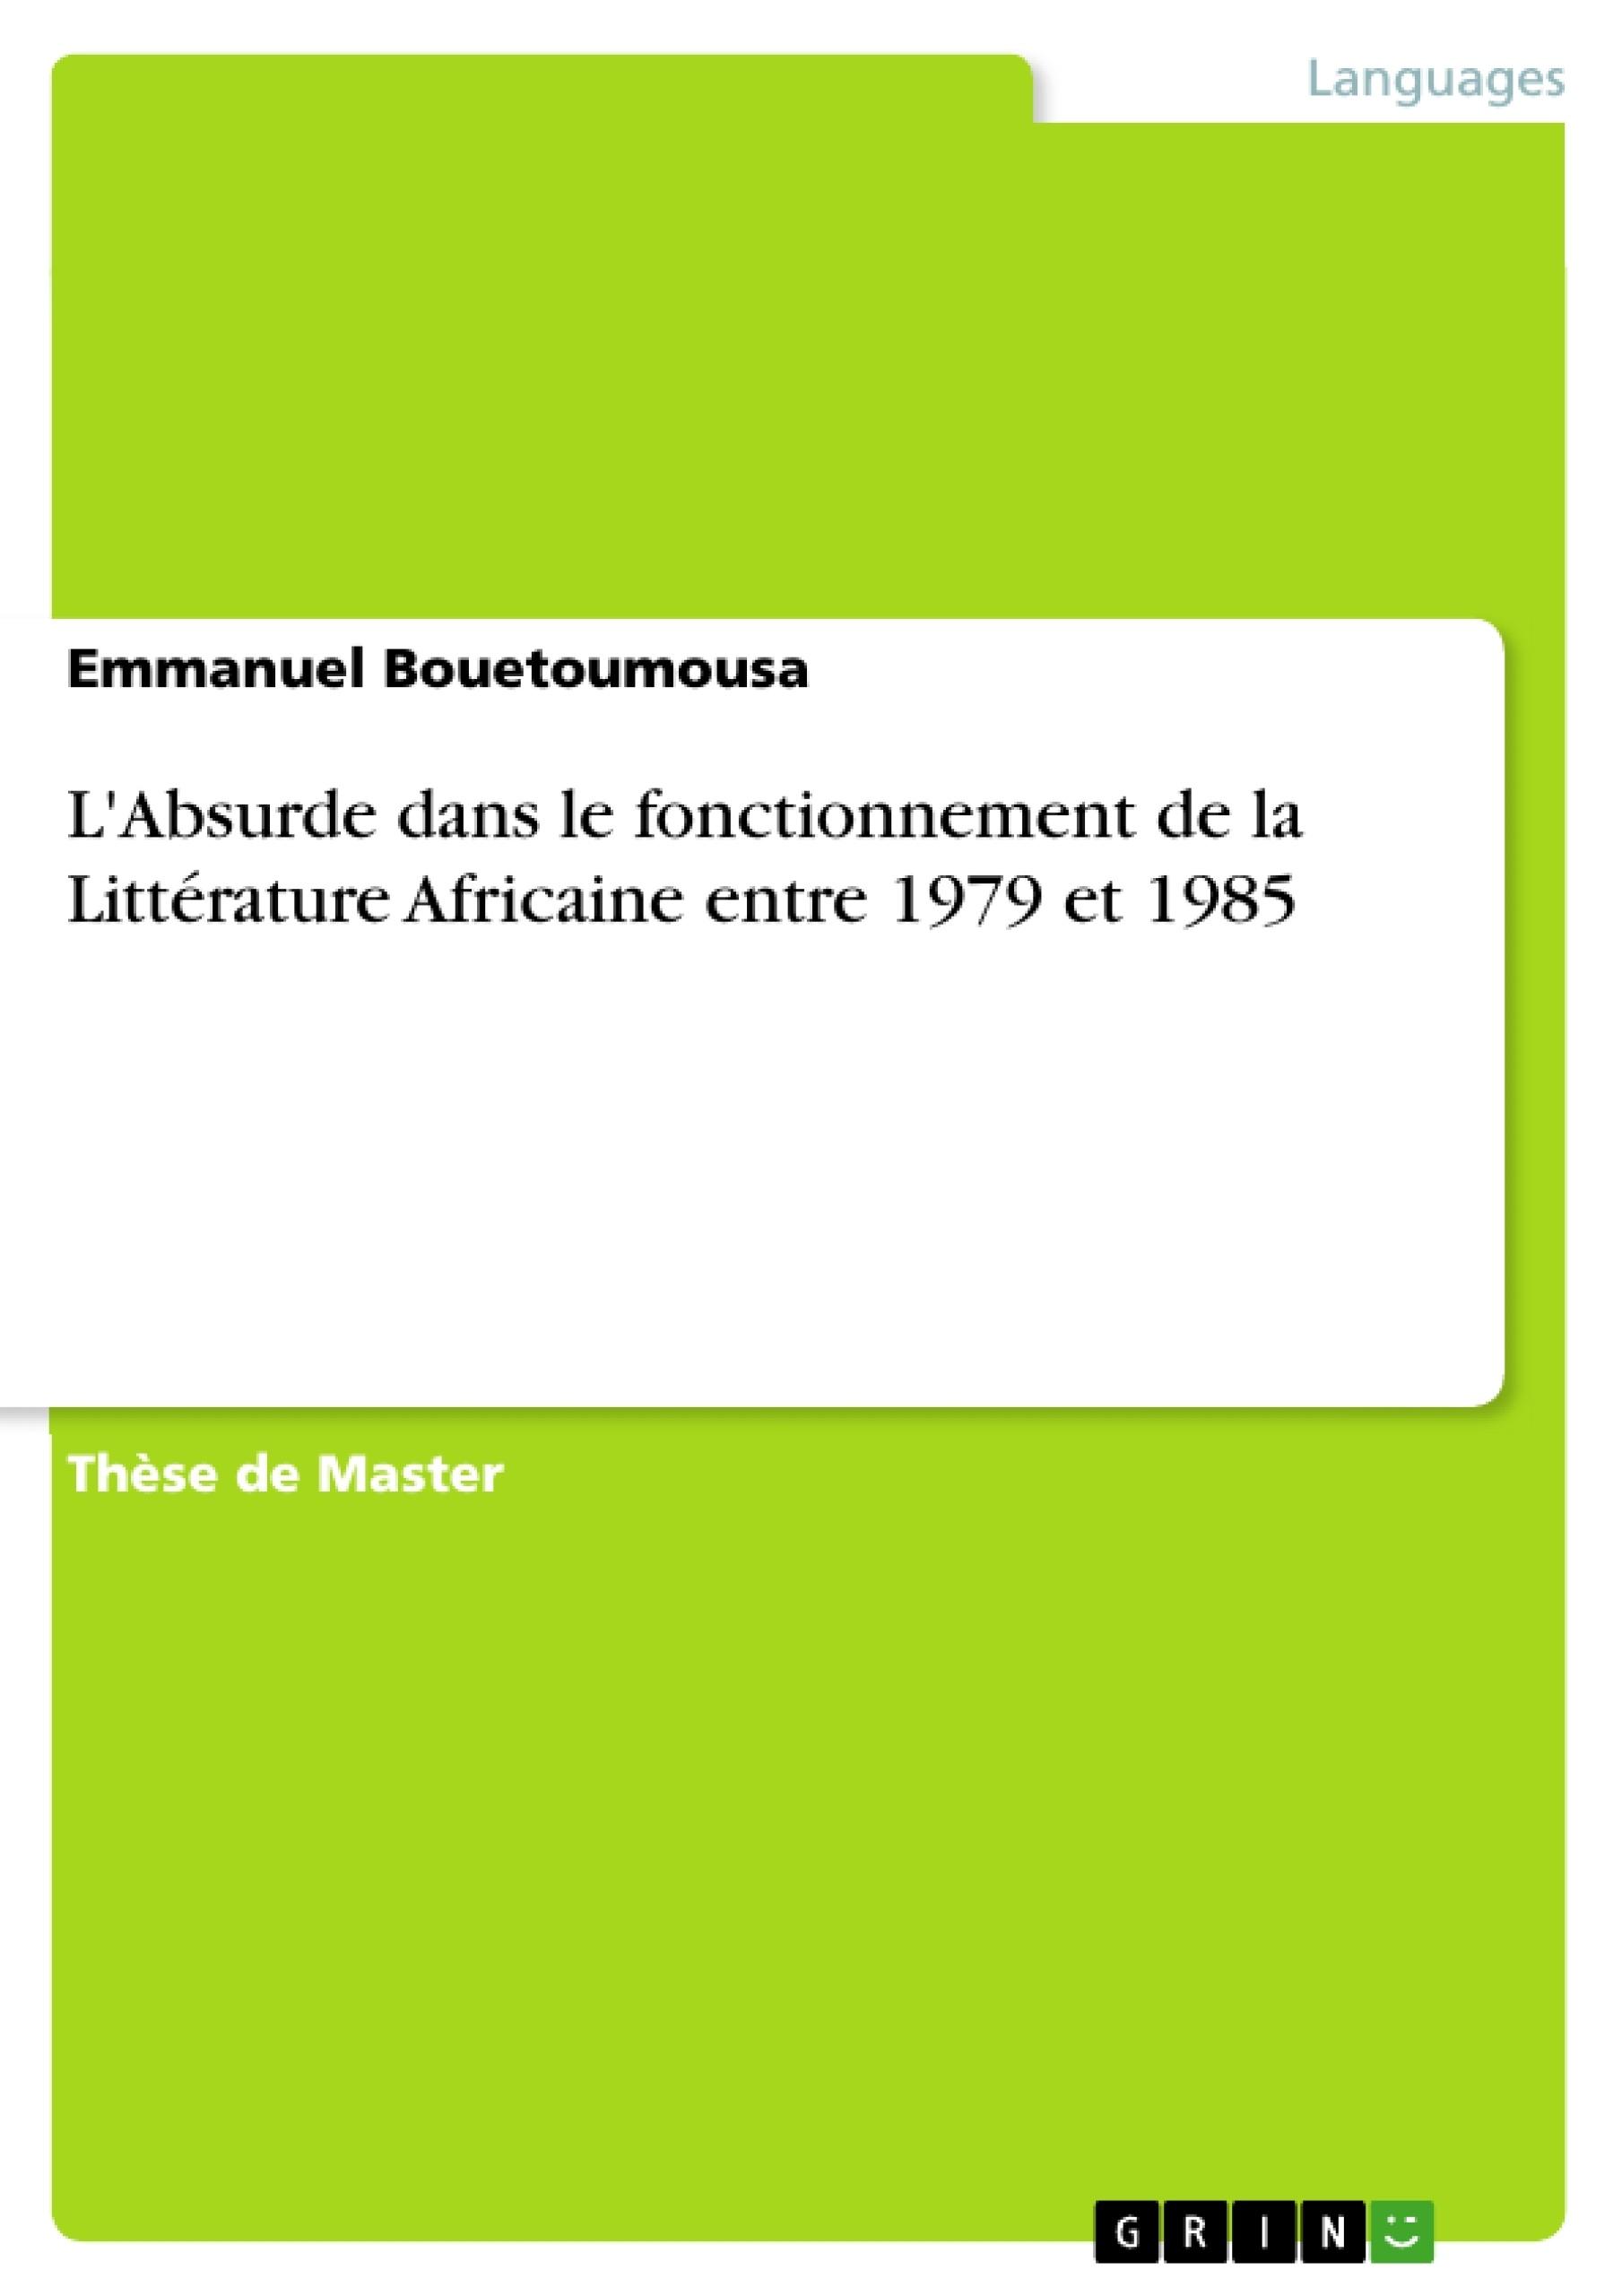 Titre: L'Absurde dans le fonctionnement de la Littérature Africaine entre 1979 et 1985